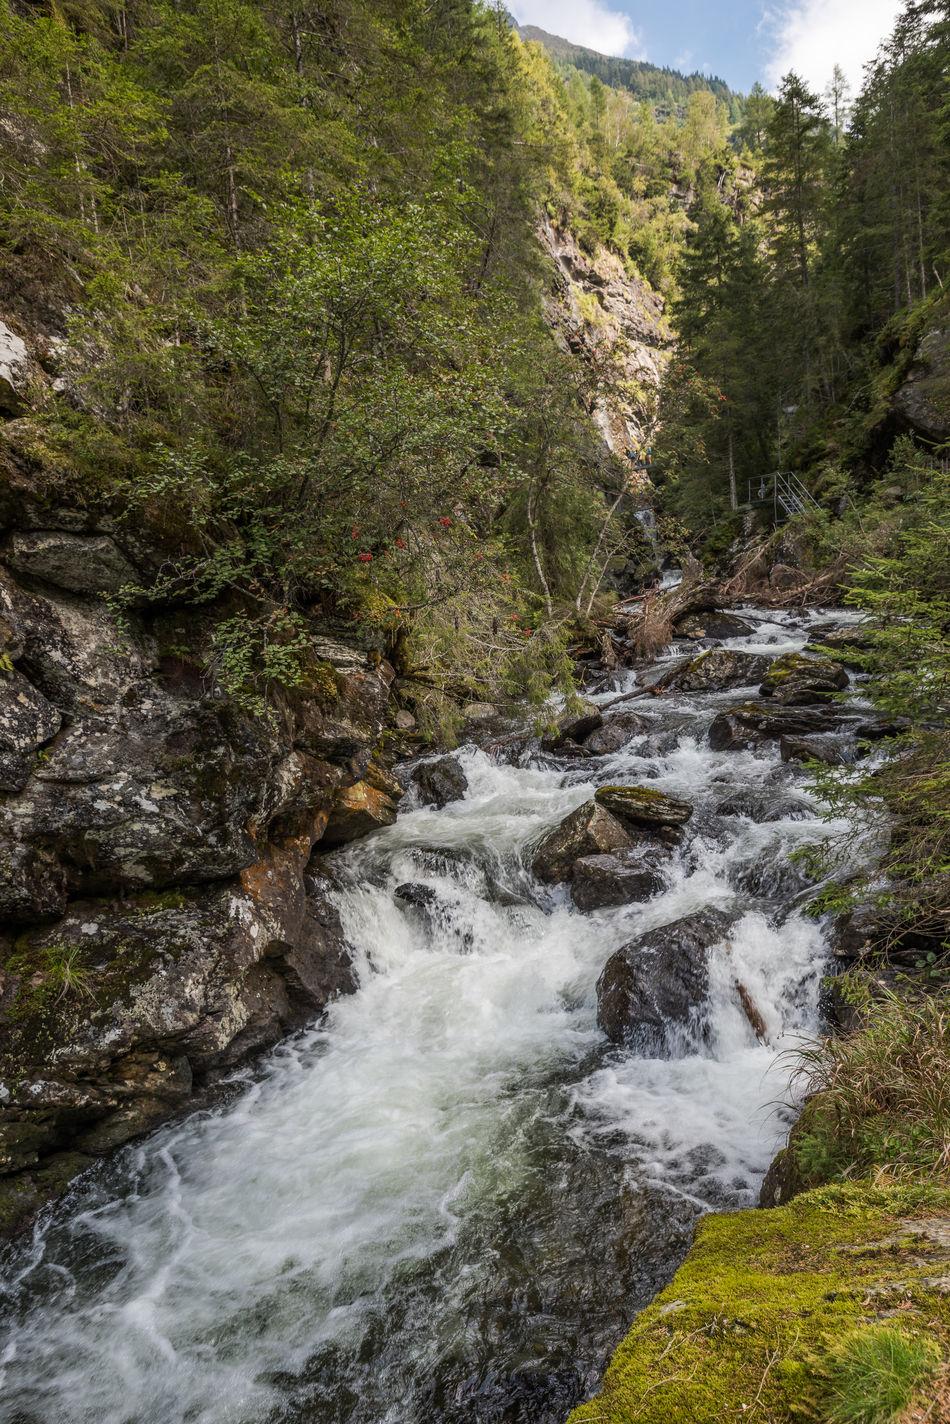 BACH Blau Bäume Fließendes Wasser Grün Landschaft Natur Steiermark Steine Tag Tal Wasser Wild Österreich